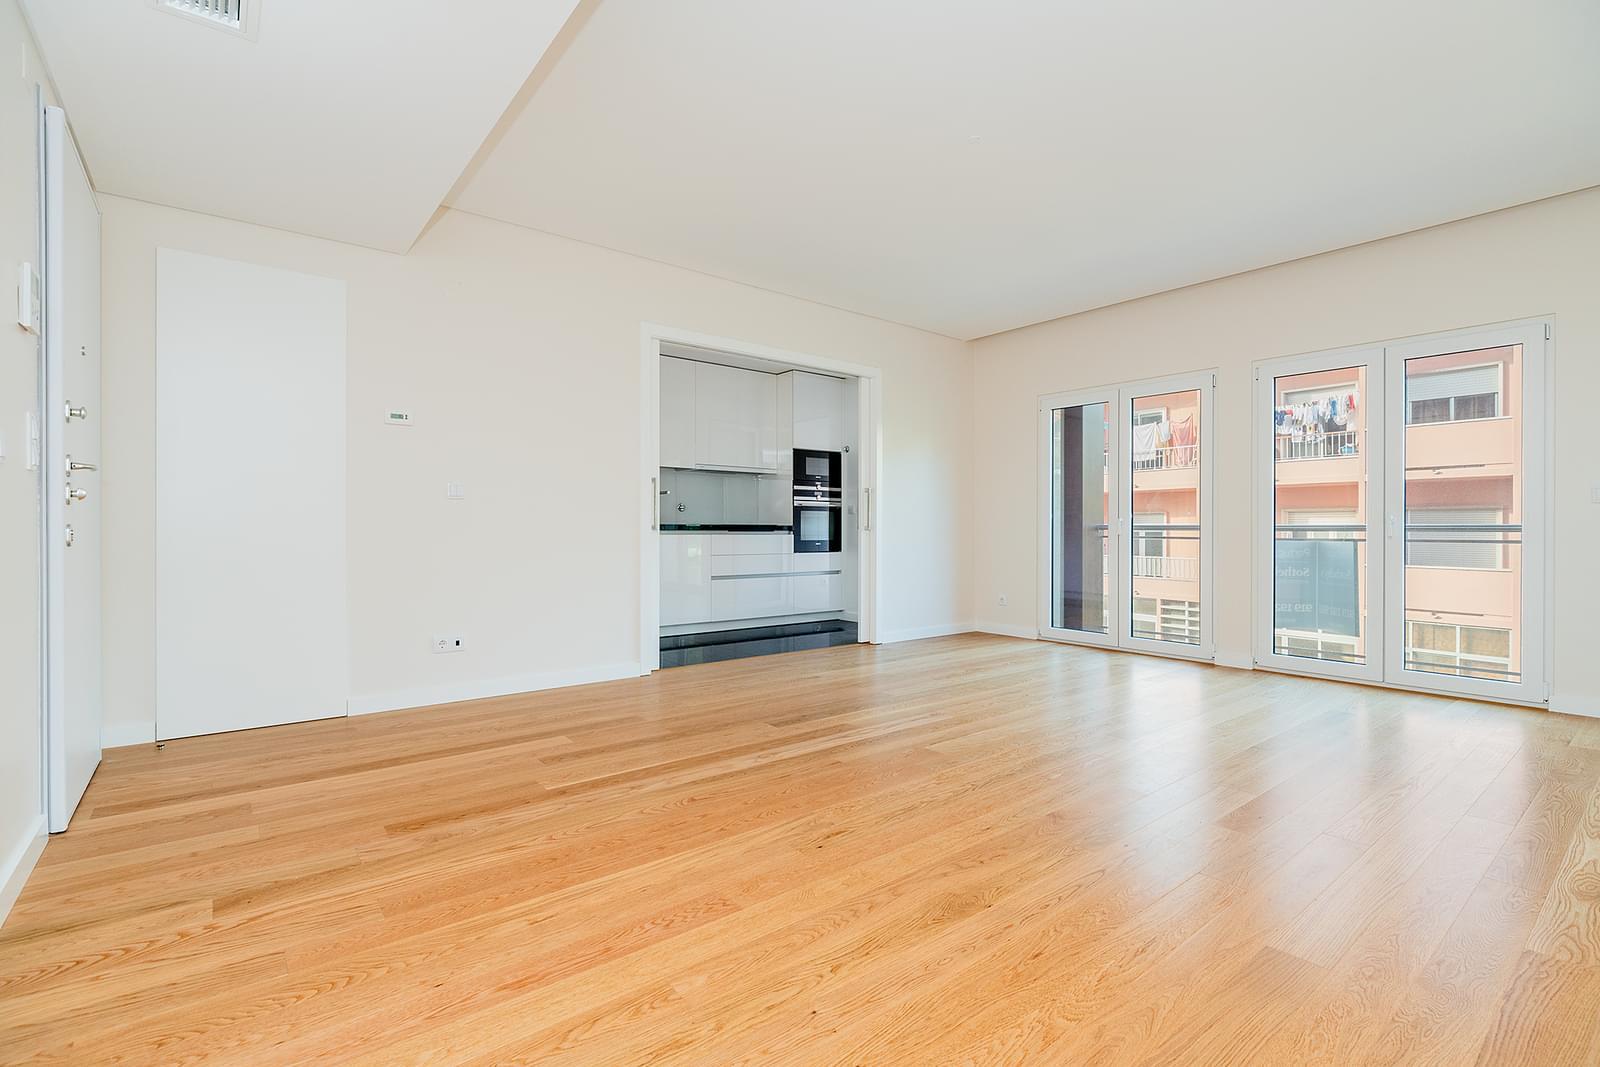 pf18846-apartamento-t2-lisboa-cfb6ab24-c9f9-4226-8480-c2988cb712a9